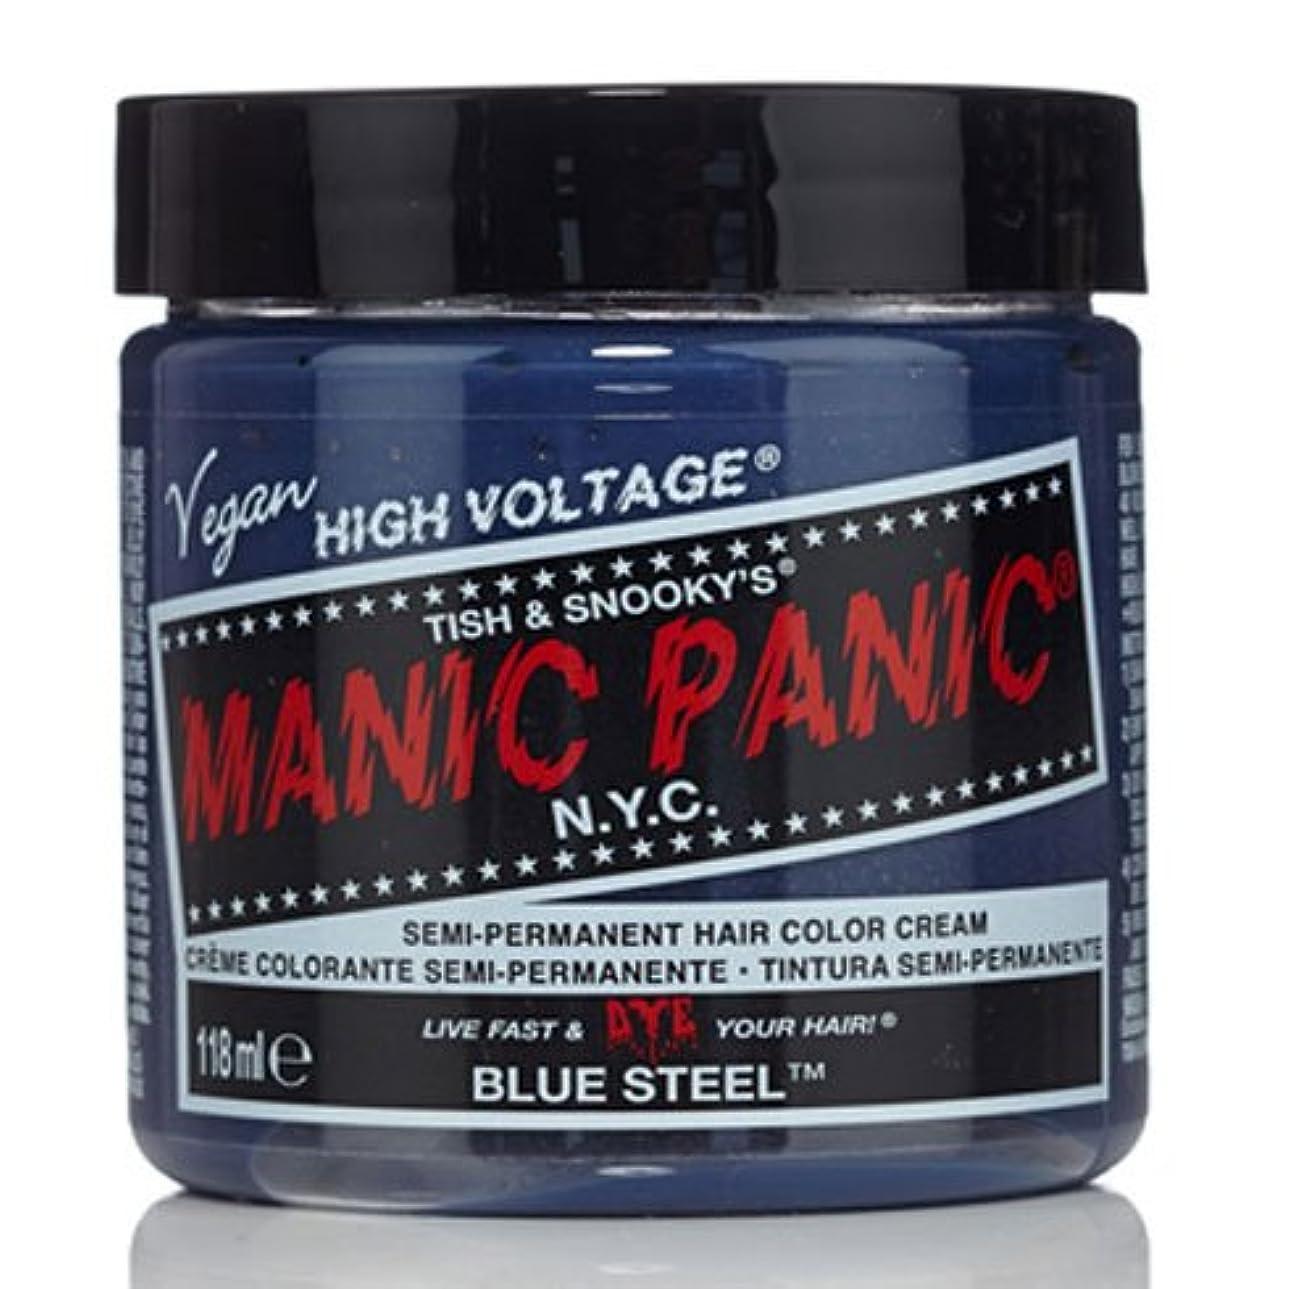 モート散る落とし穴スペシャルセットMANIC PANICマニックパニック:BLUE STEEL (ブルースティール)+ヘアカラーケア4点セット